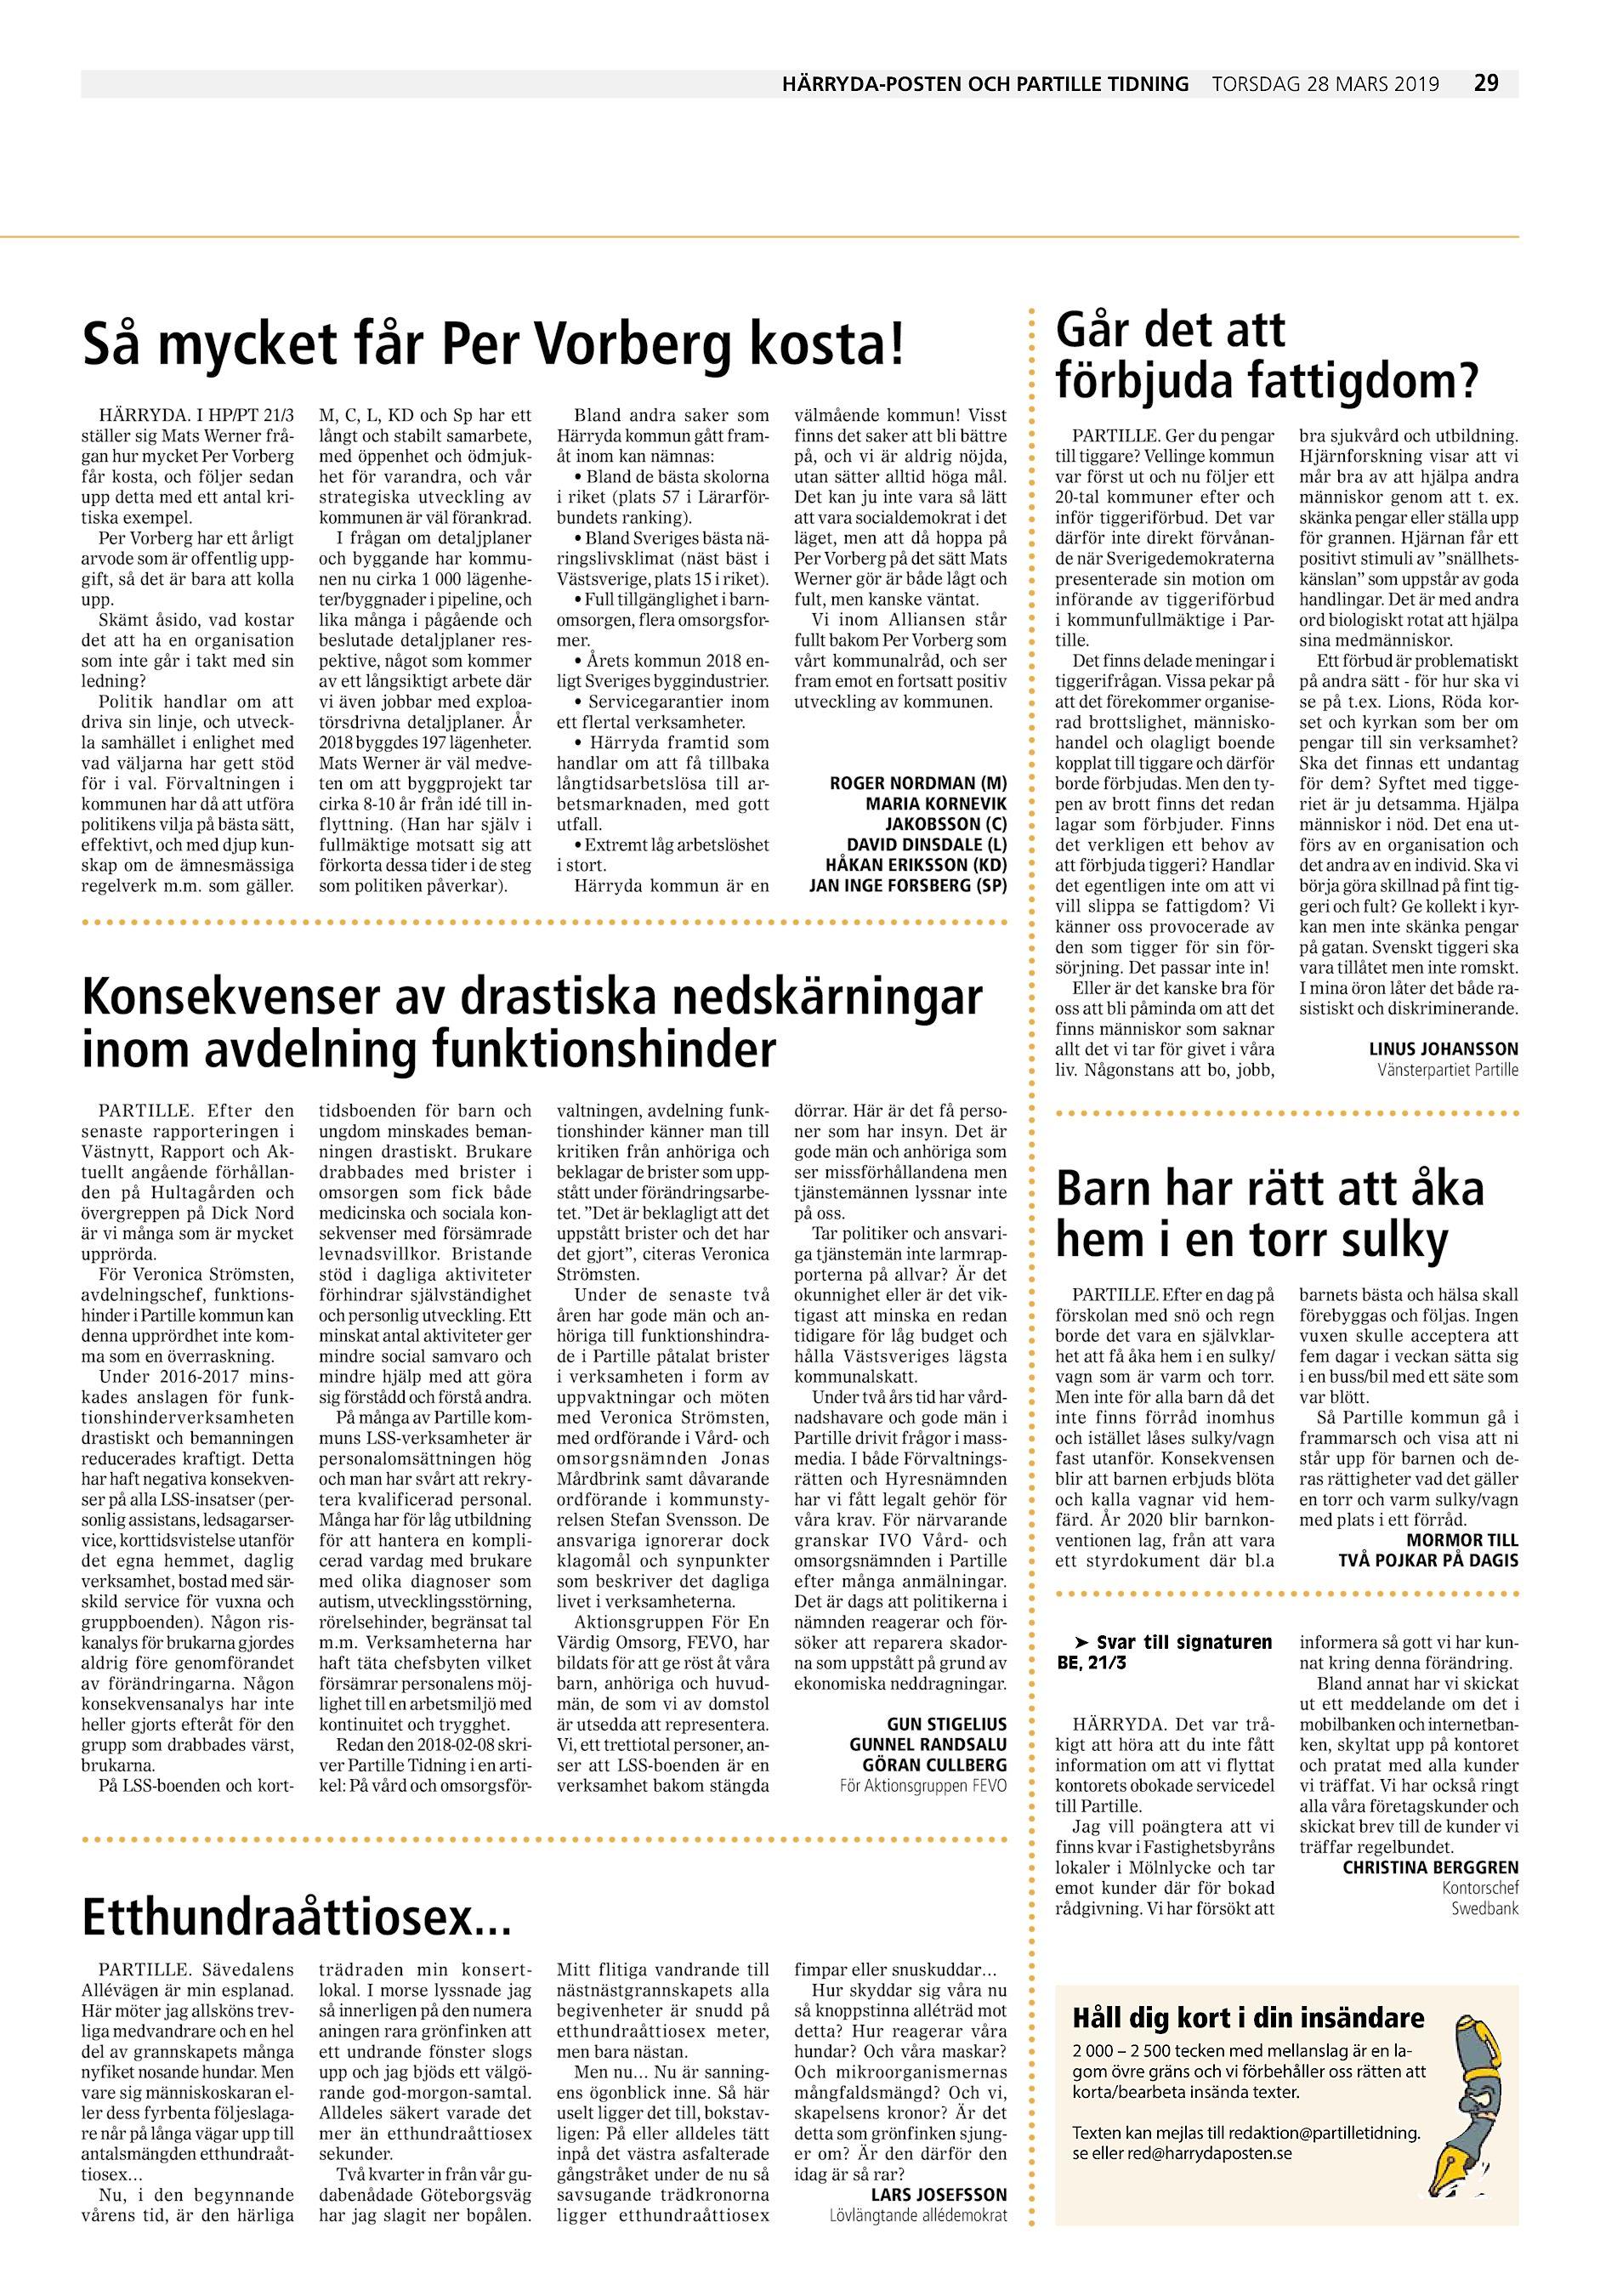 e6ac39213d99 Härryda-Posten och Partille Tidning Så mycket får Per Vorberg kosta!  HÄRRYDA. I HP/PT 21/3 ställer sig Mats Werner frågan hur mycket Per Vorberg  får kosta, ...